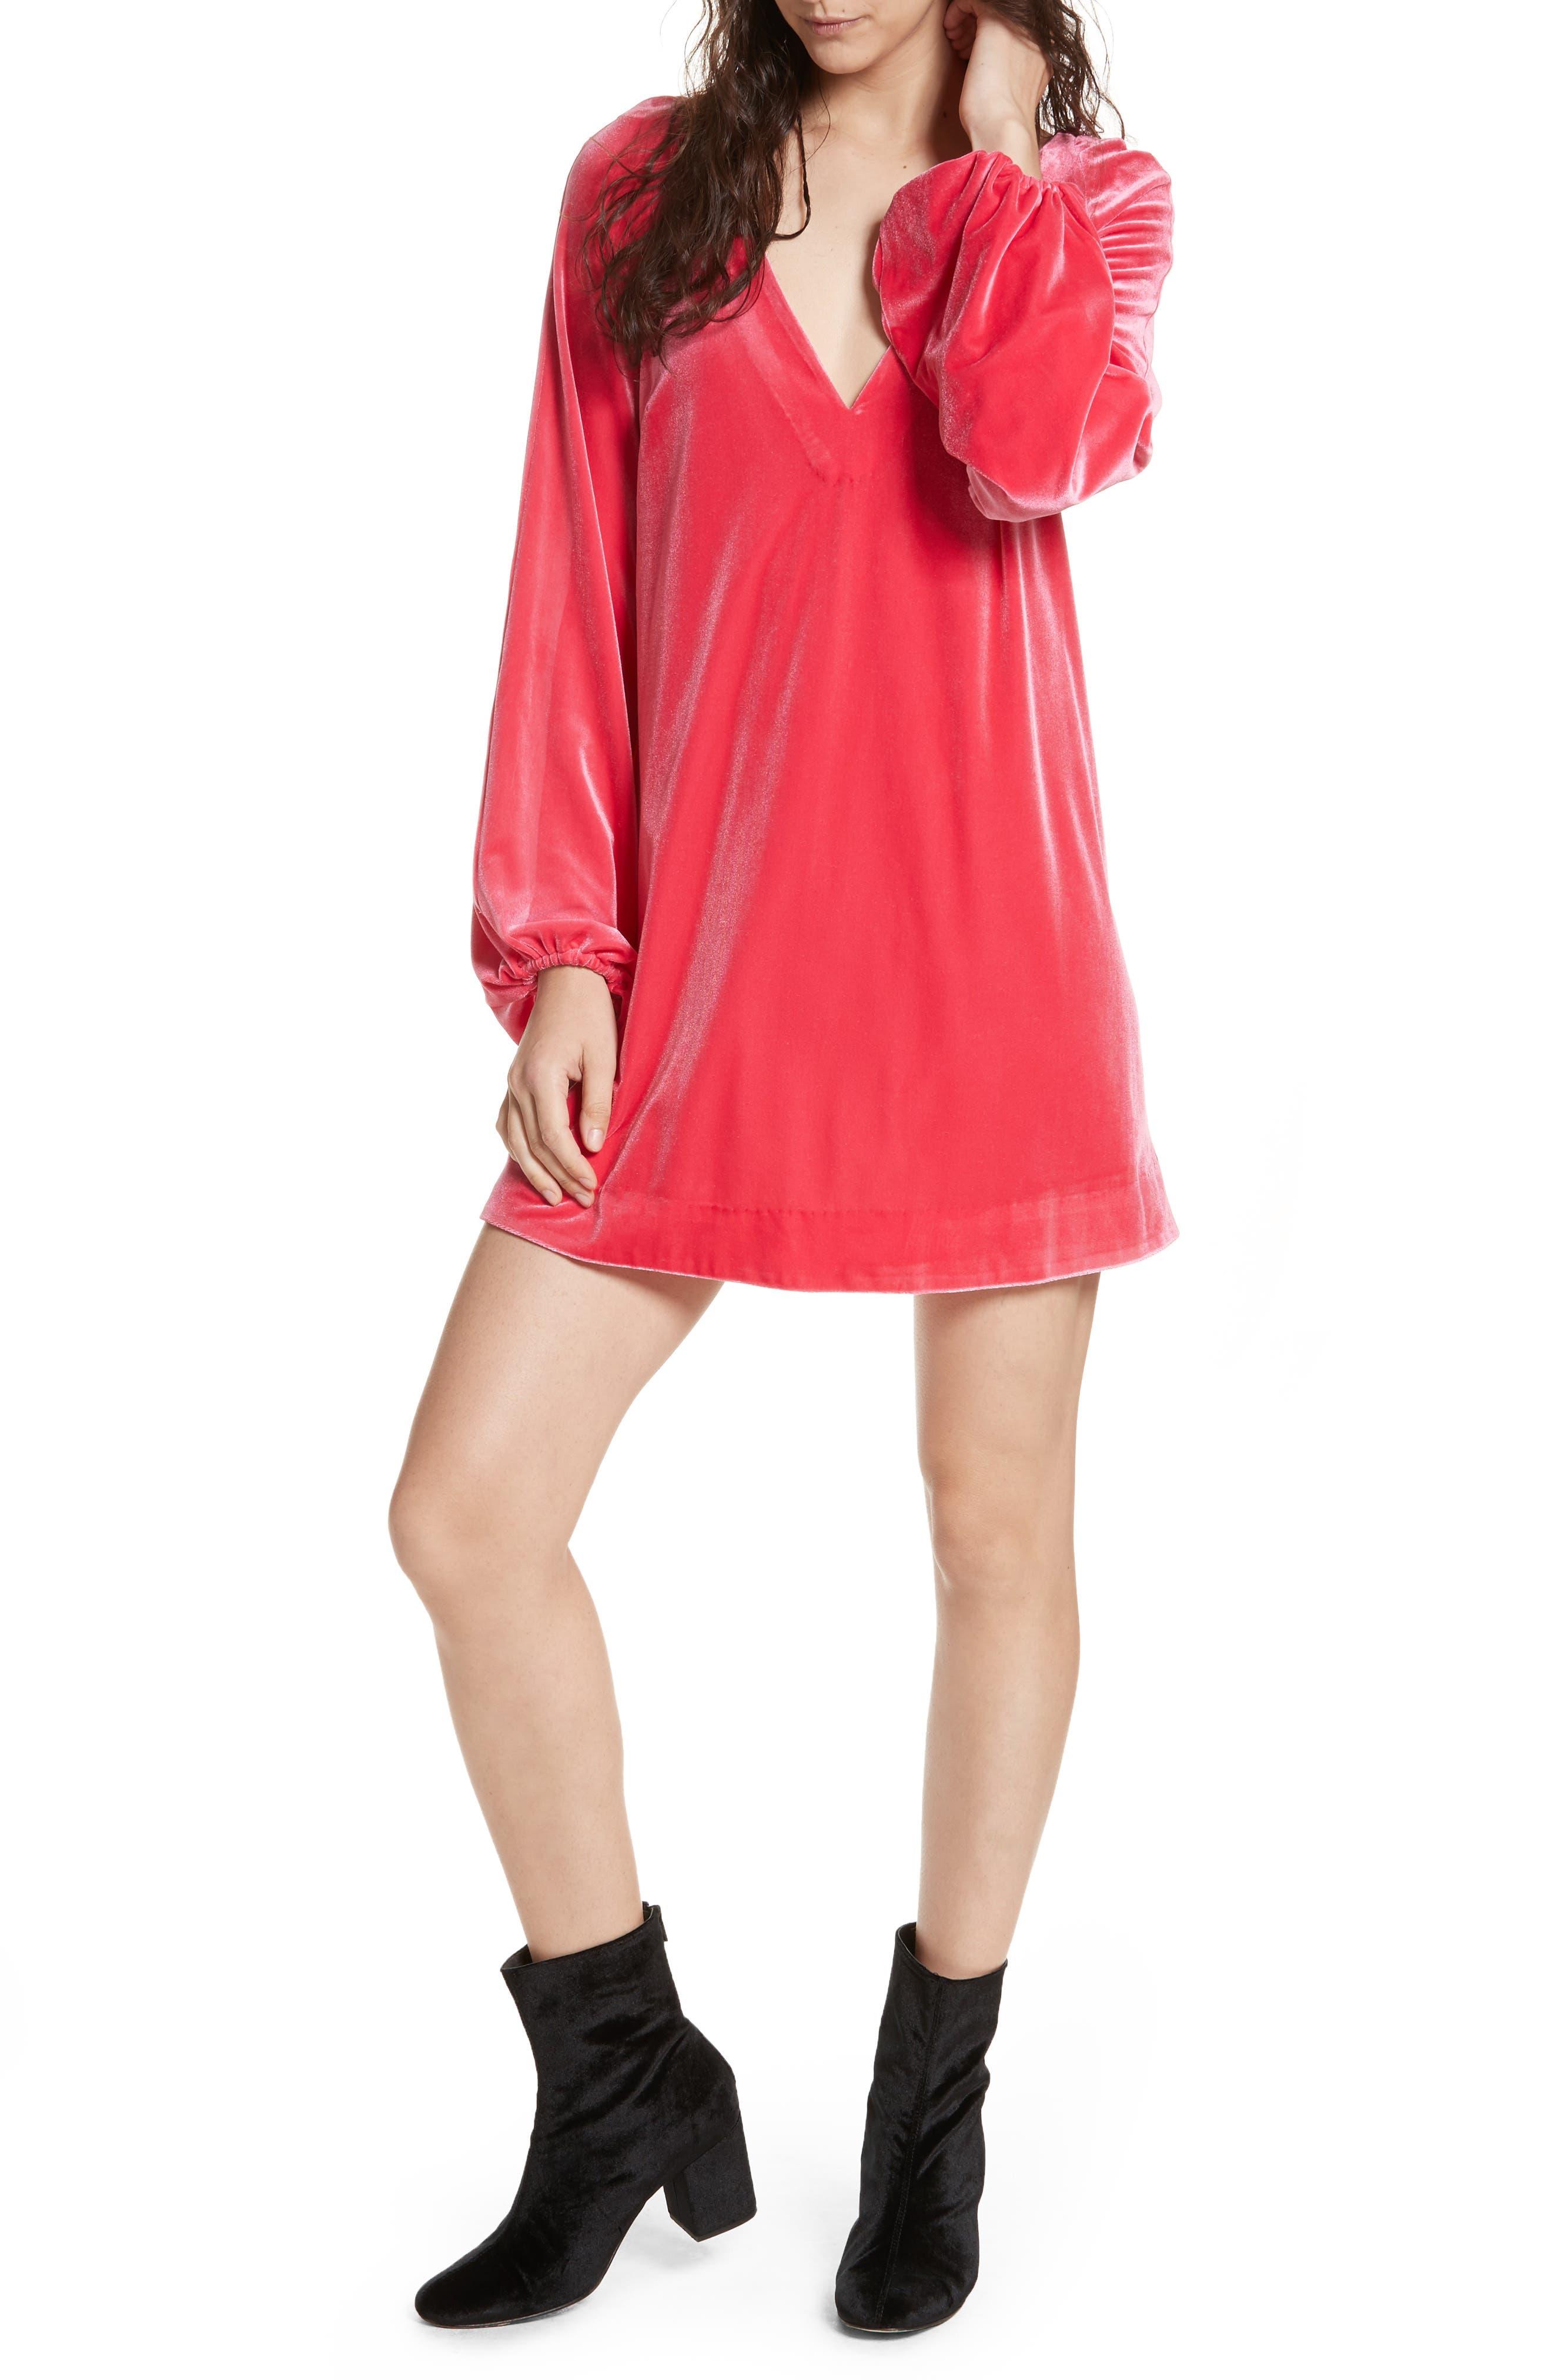 Alternate Image 1 Selected - Free People Misha Velvet Minidress